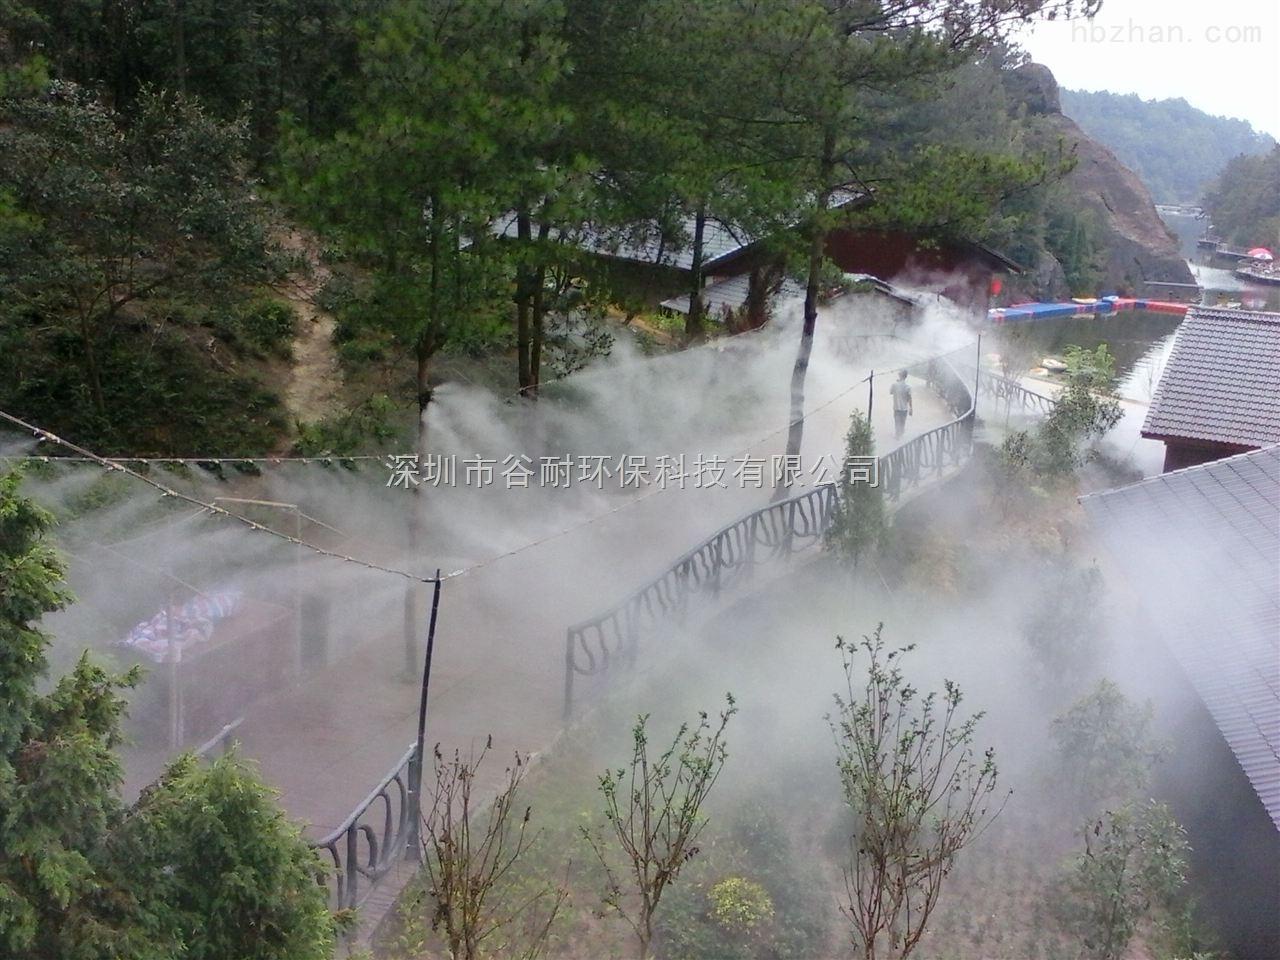 园林假山人工造雾装置